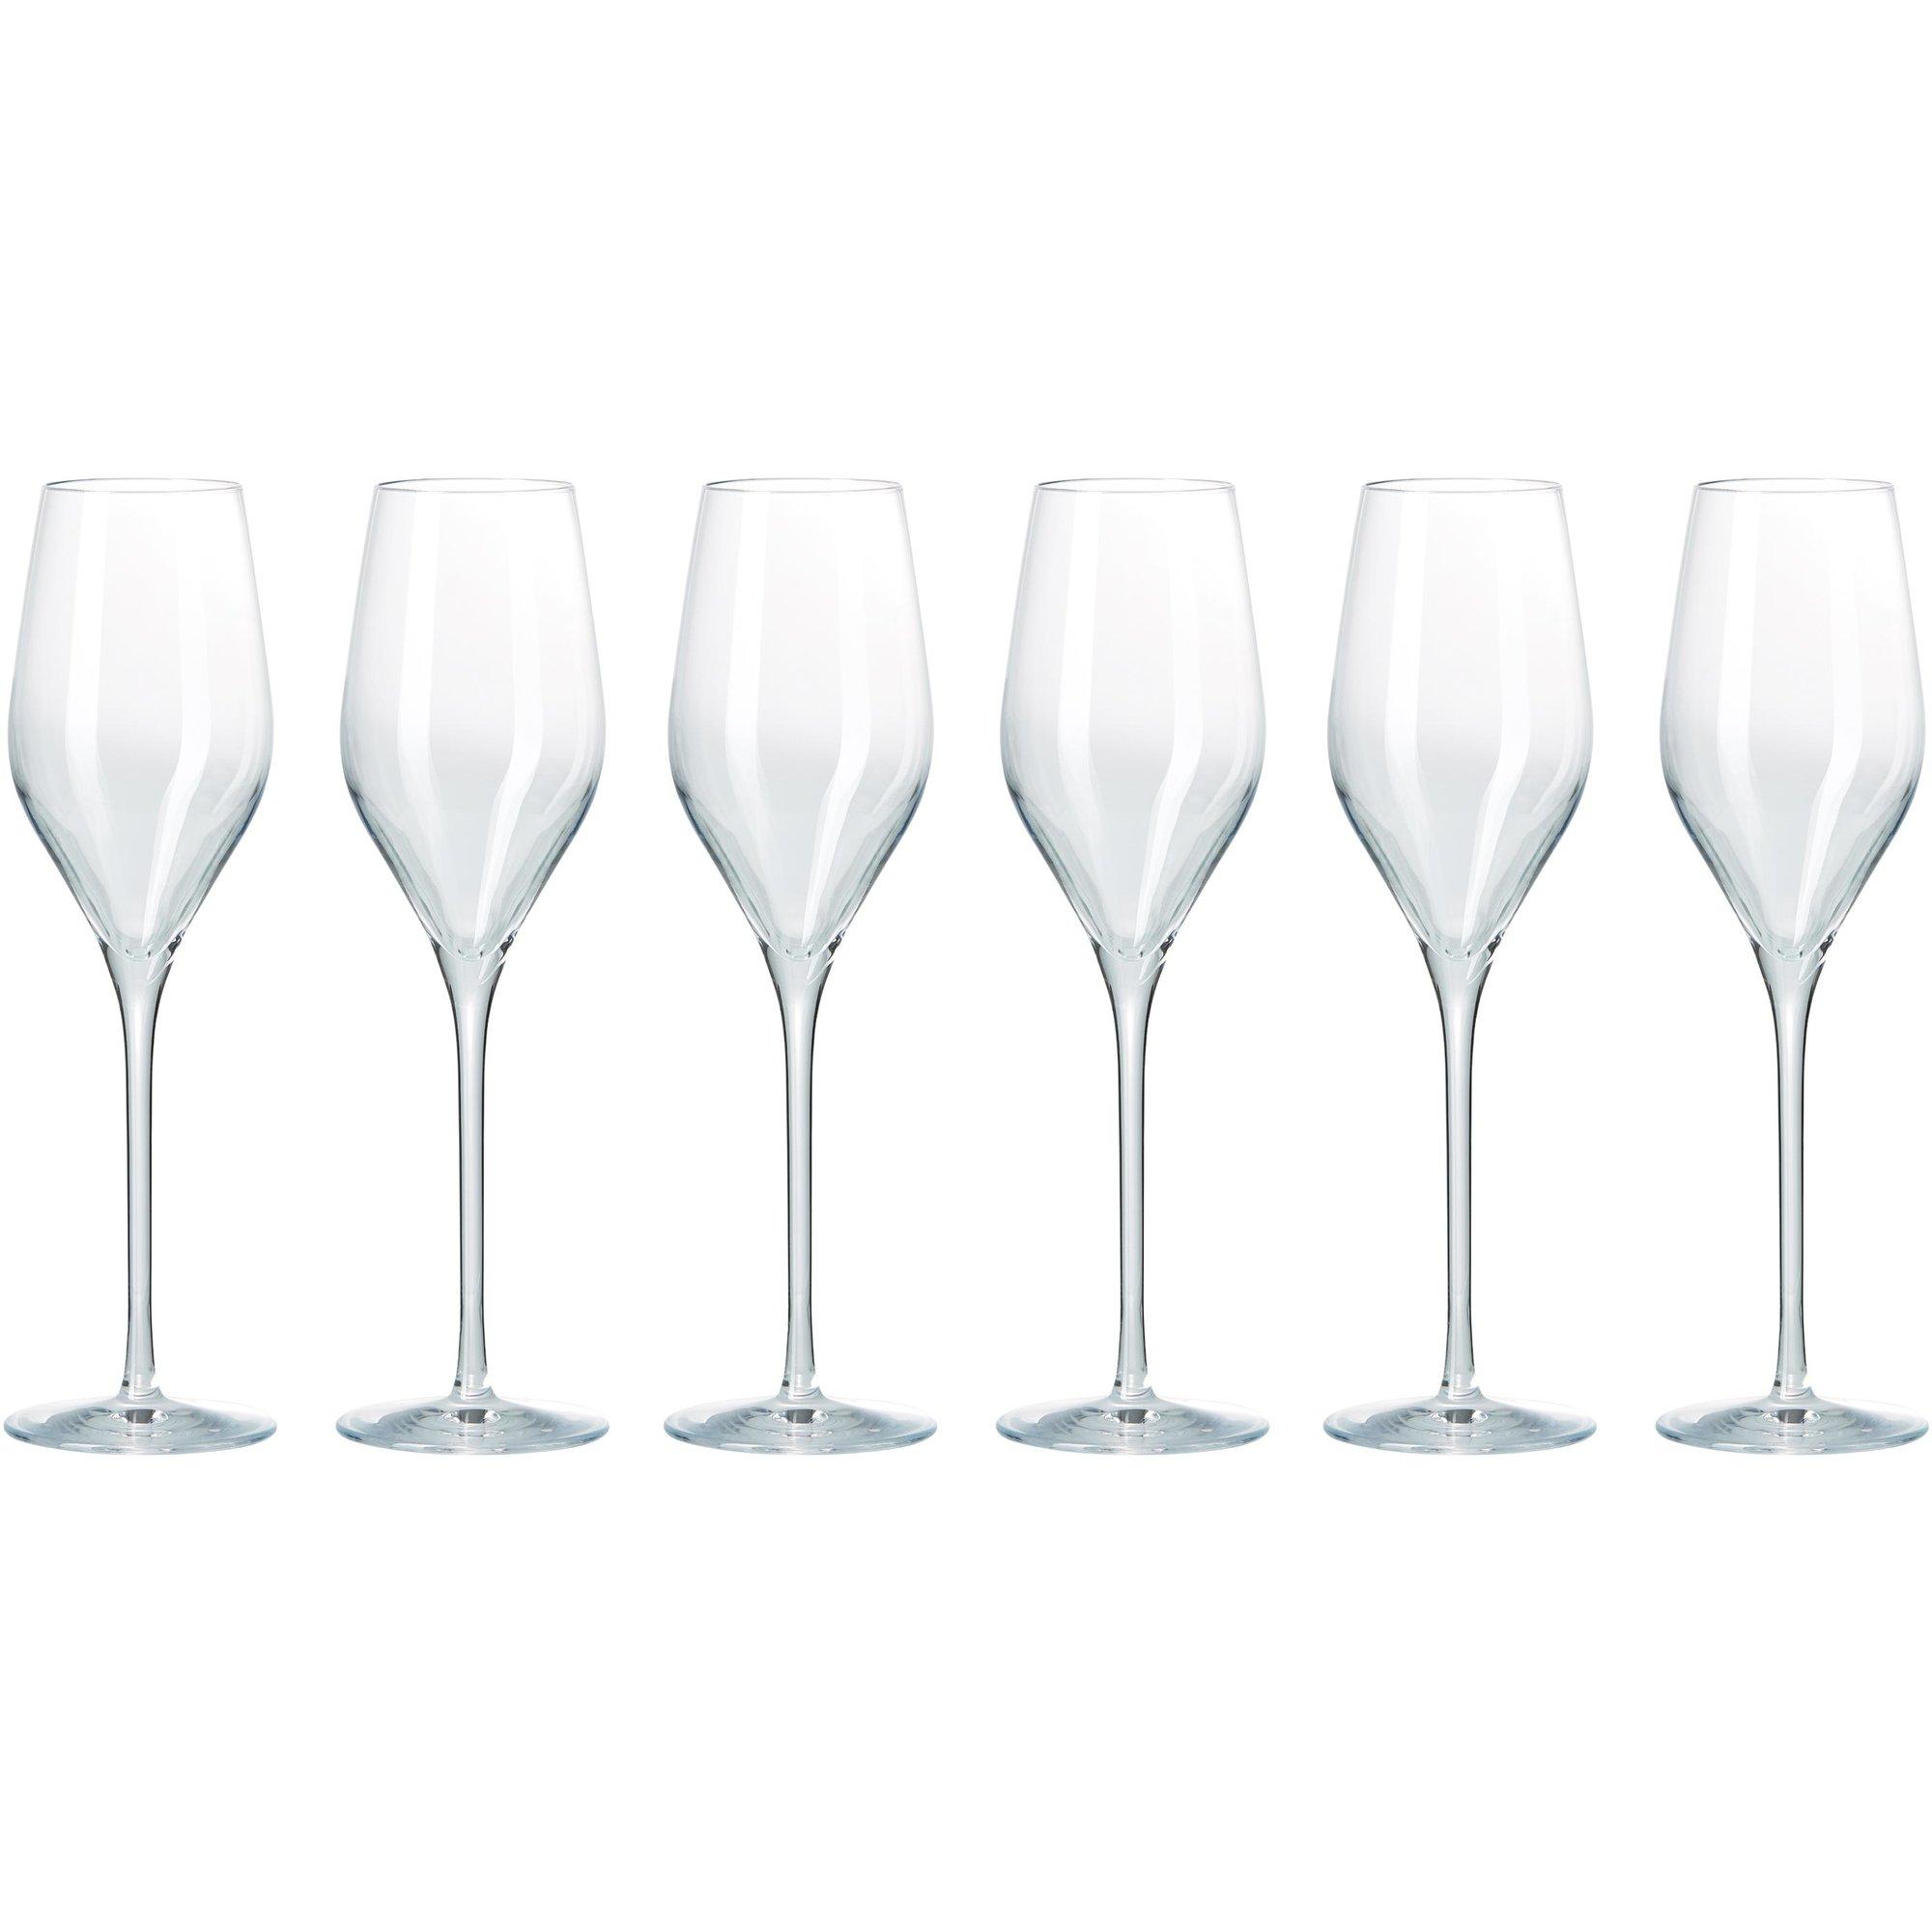 Aida Passion Connoisseur Champagneglas 6 st